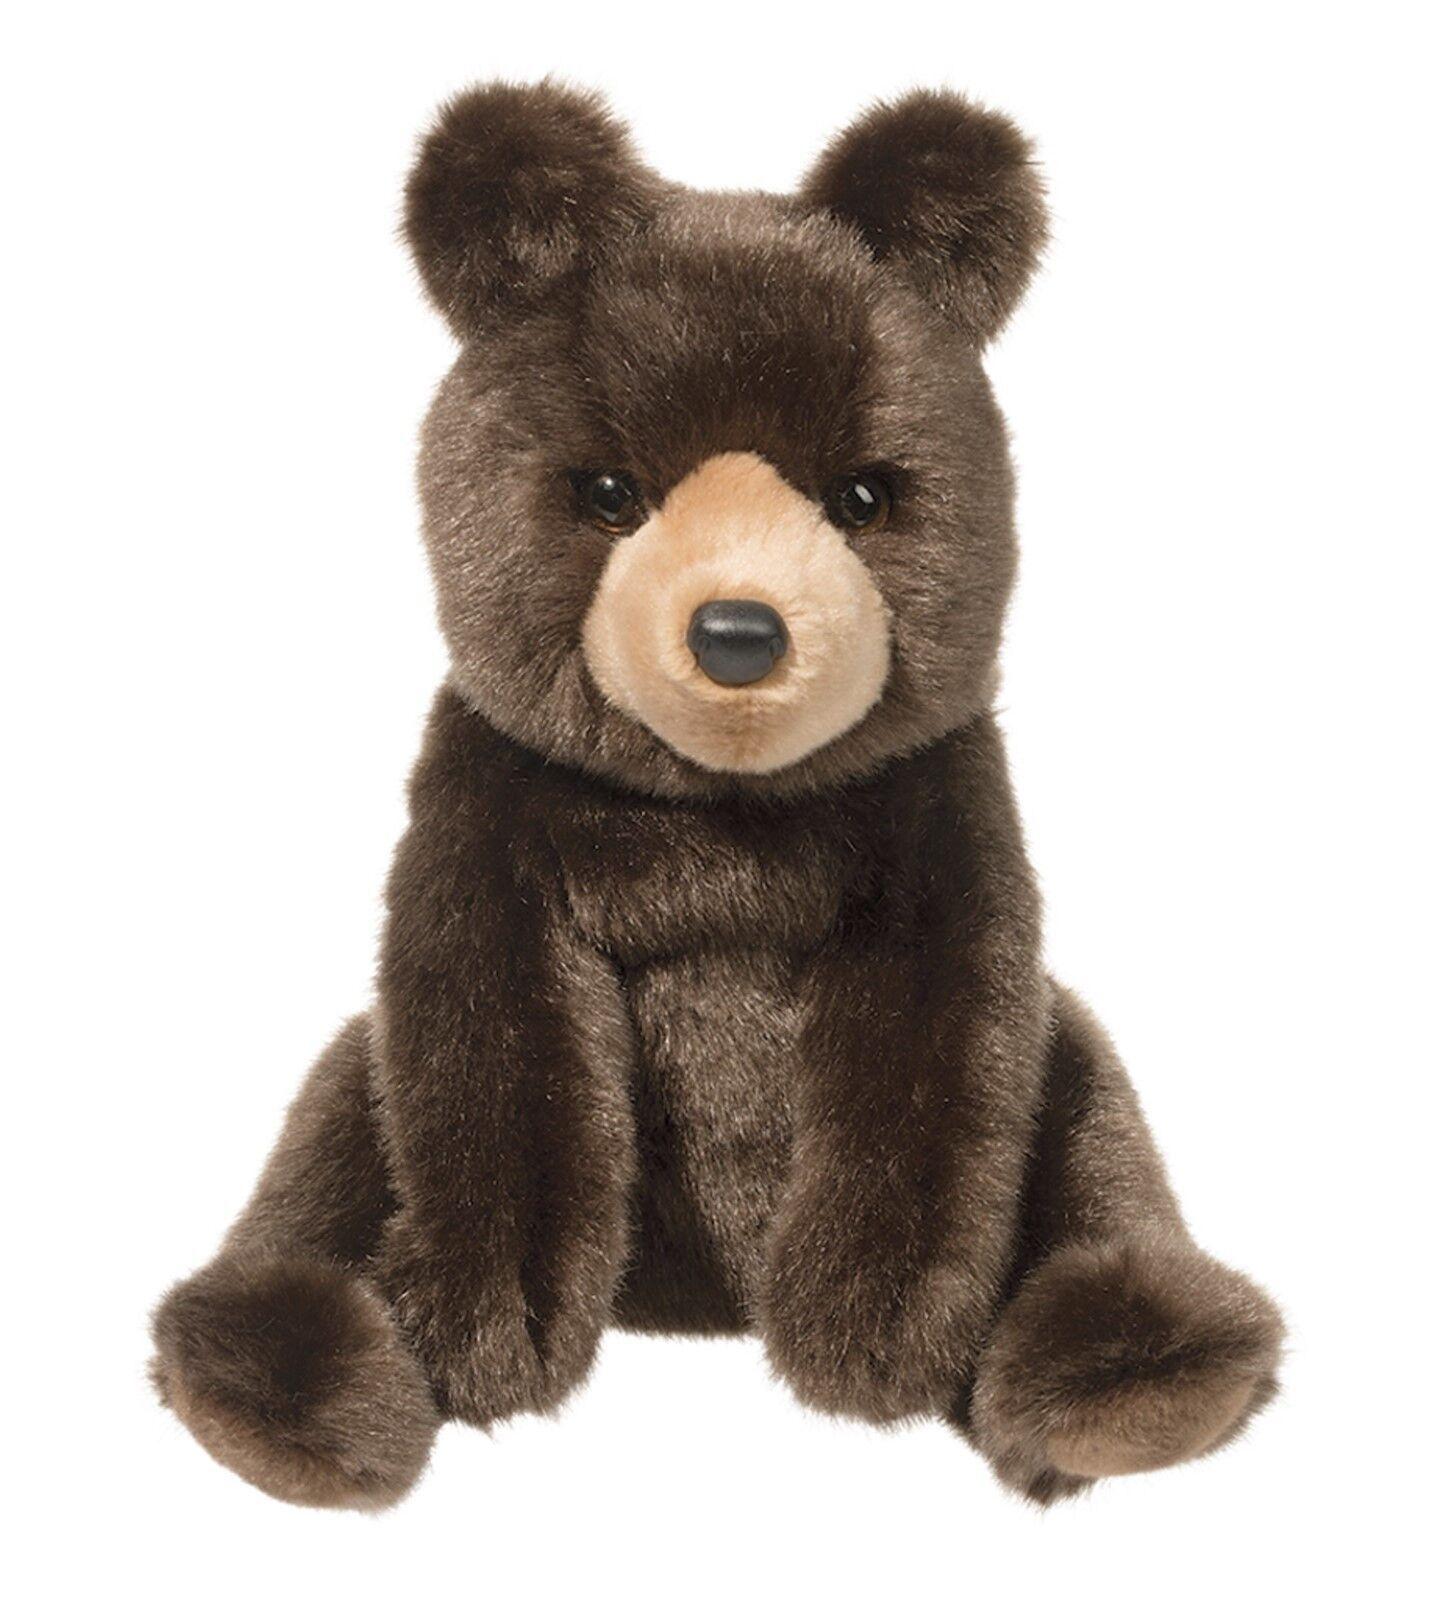 Douglas Cal BROWN BEAR 10